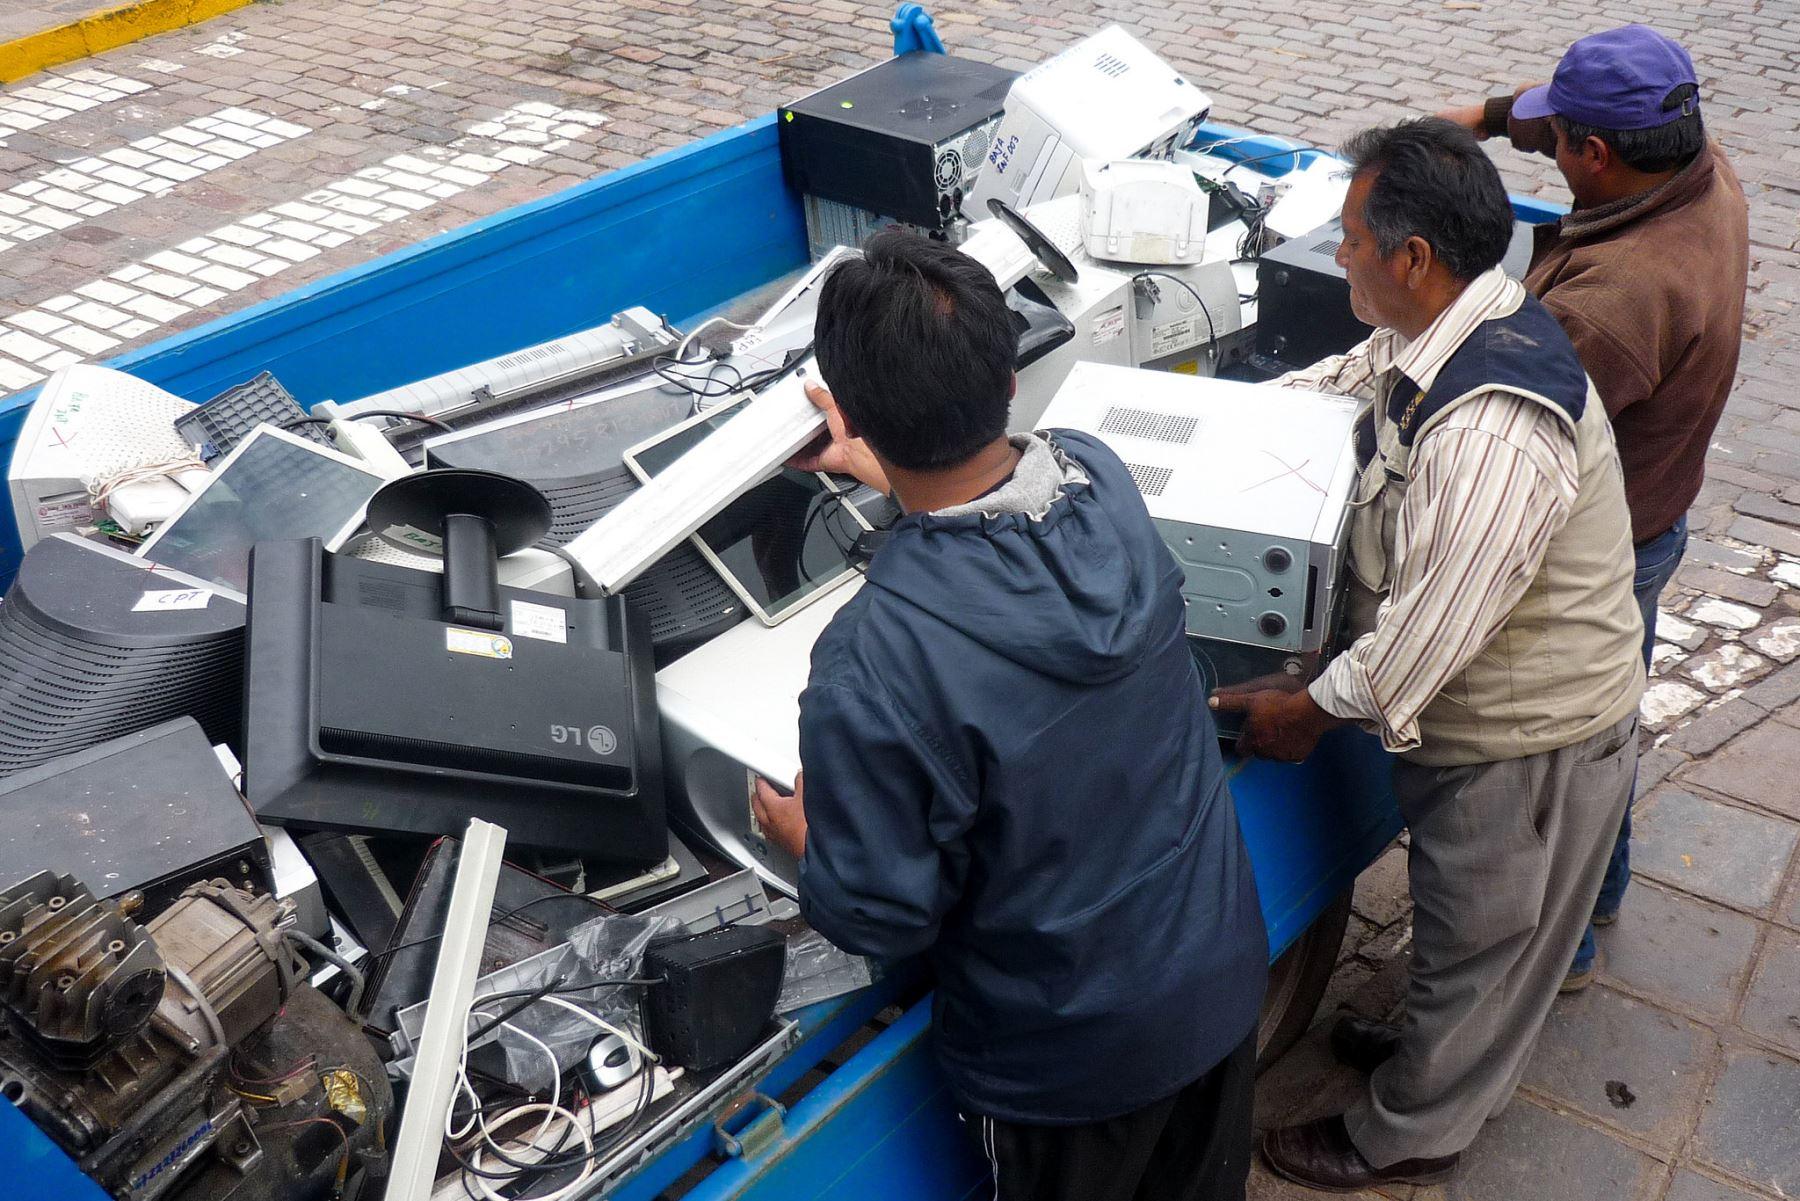 Centro de acopio de residuos eléctricos y electrónicos, Foto: Andina/difusión